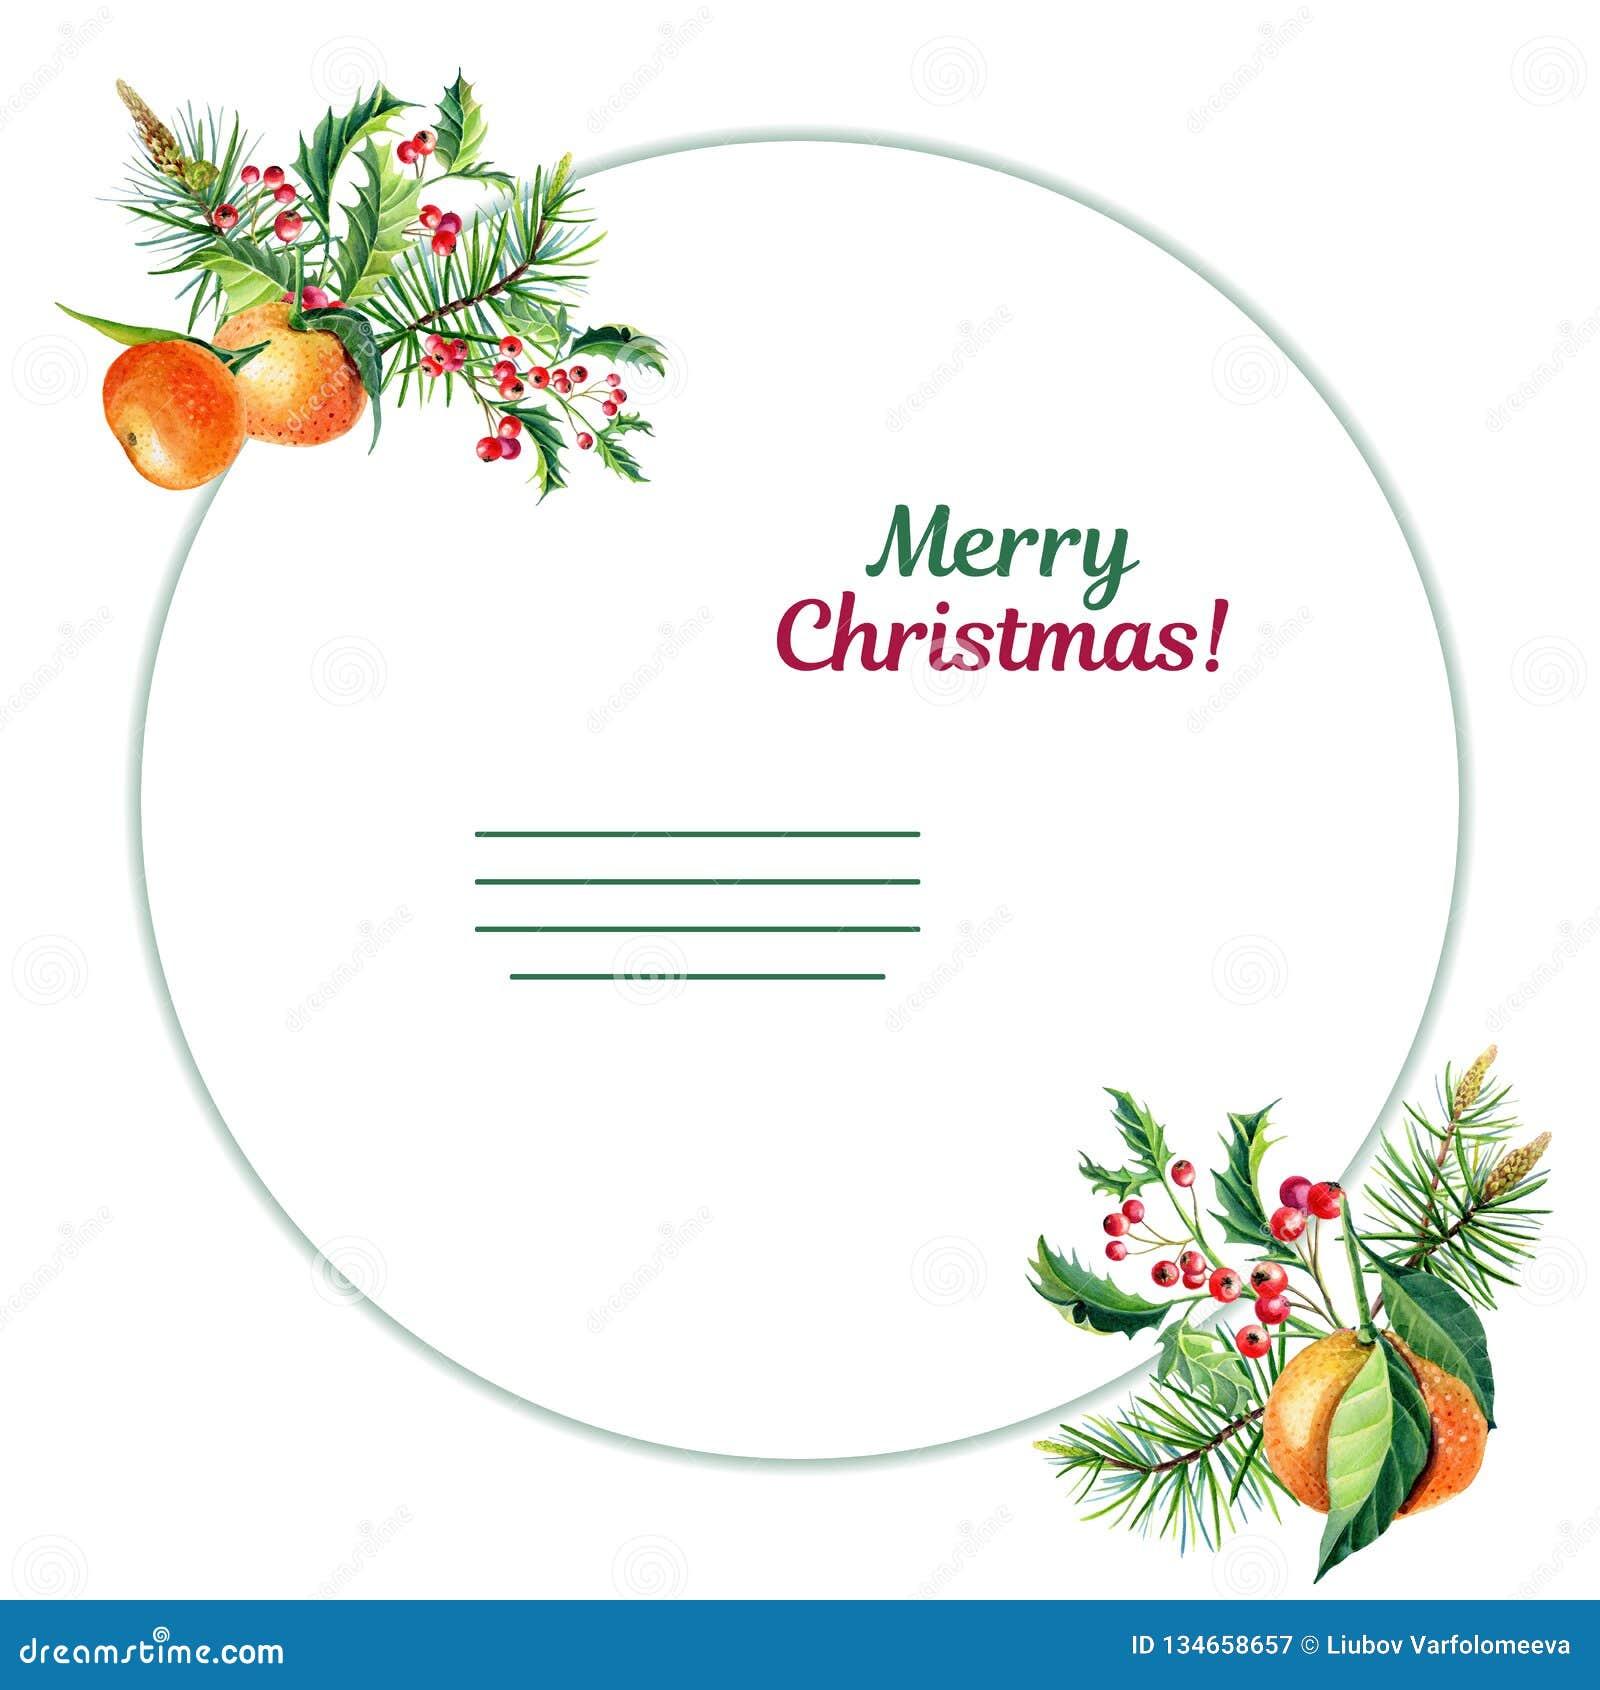 Поздравительная открытка веселого рождества акварели с оранжевым tangerine, падубом, листьями, красными ягодами,